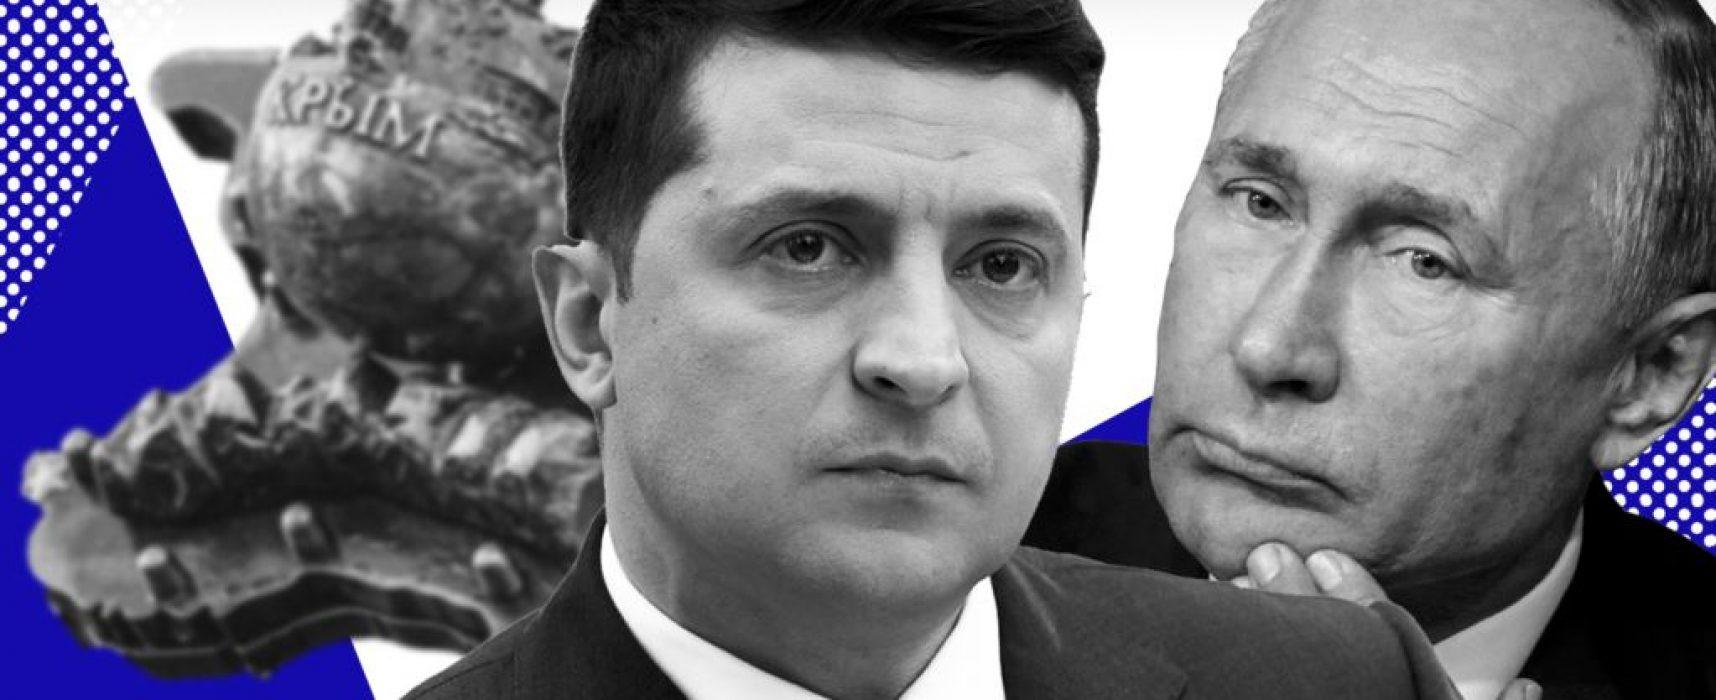 Віталій Портников: «Кримська платформа». Пропаганда і реалізм